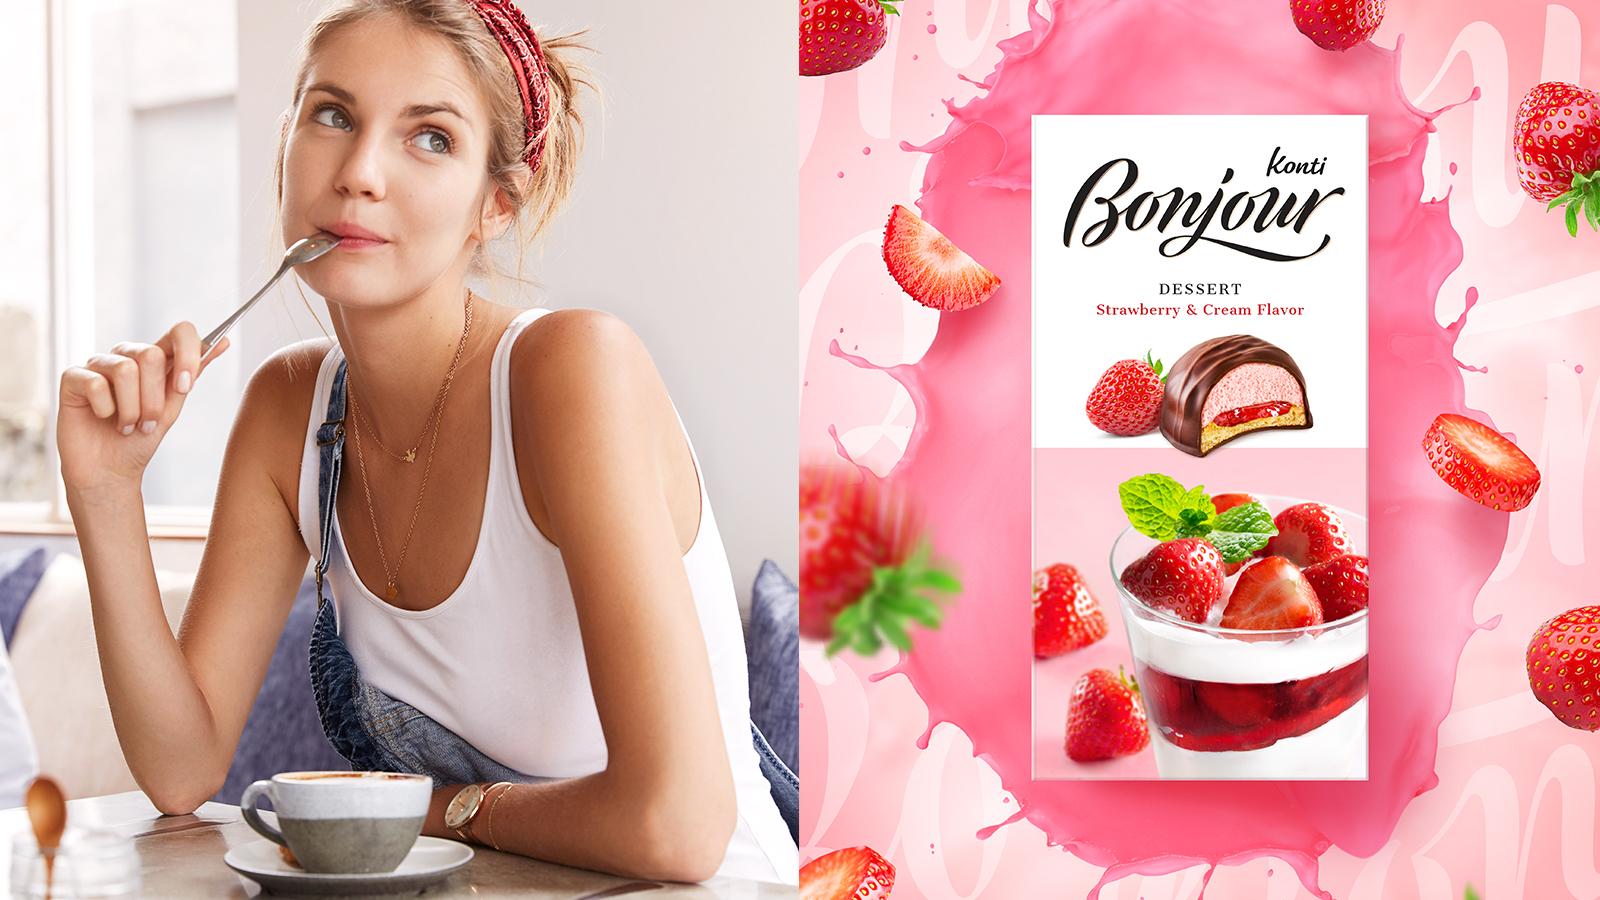 Дизайн упаковки и обновленная айдентика корректно позиционируют бренд в сегменте изысканных десертов